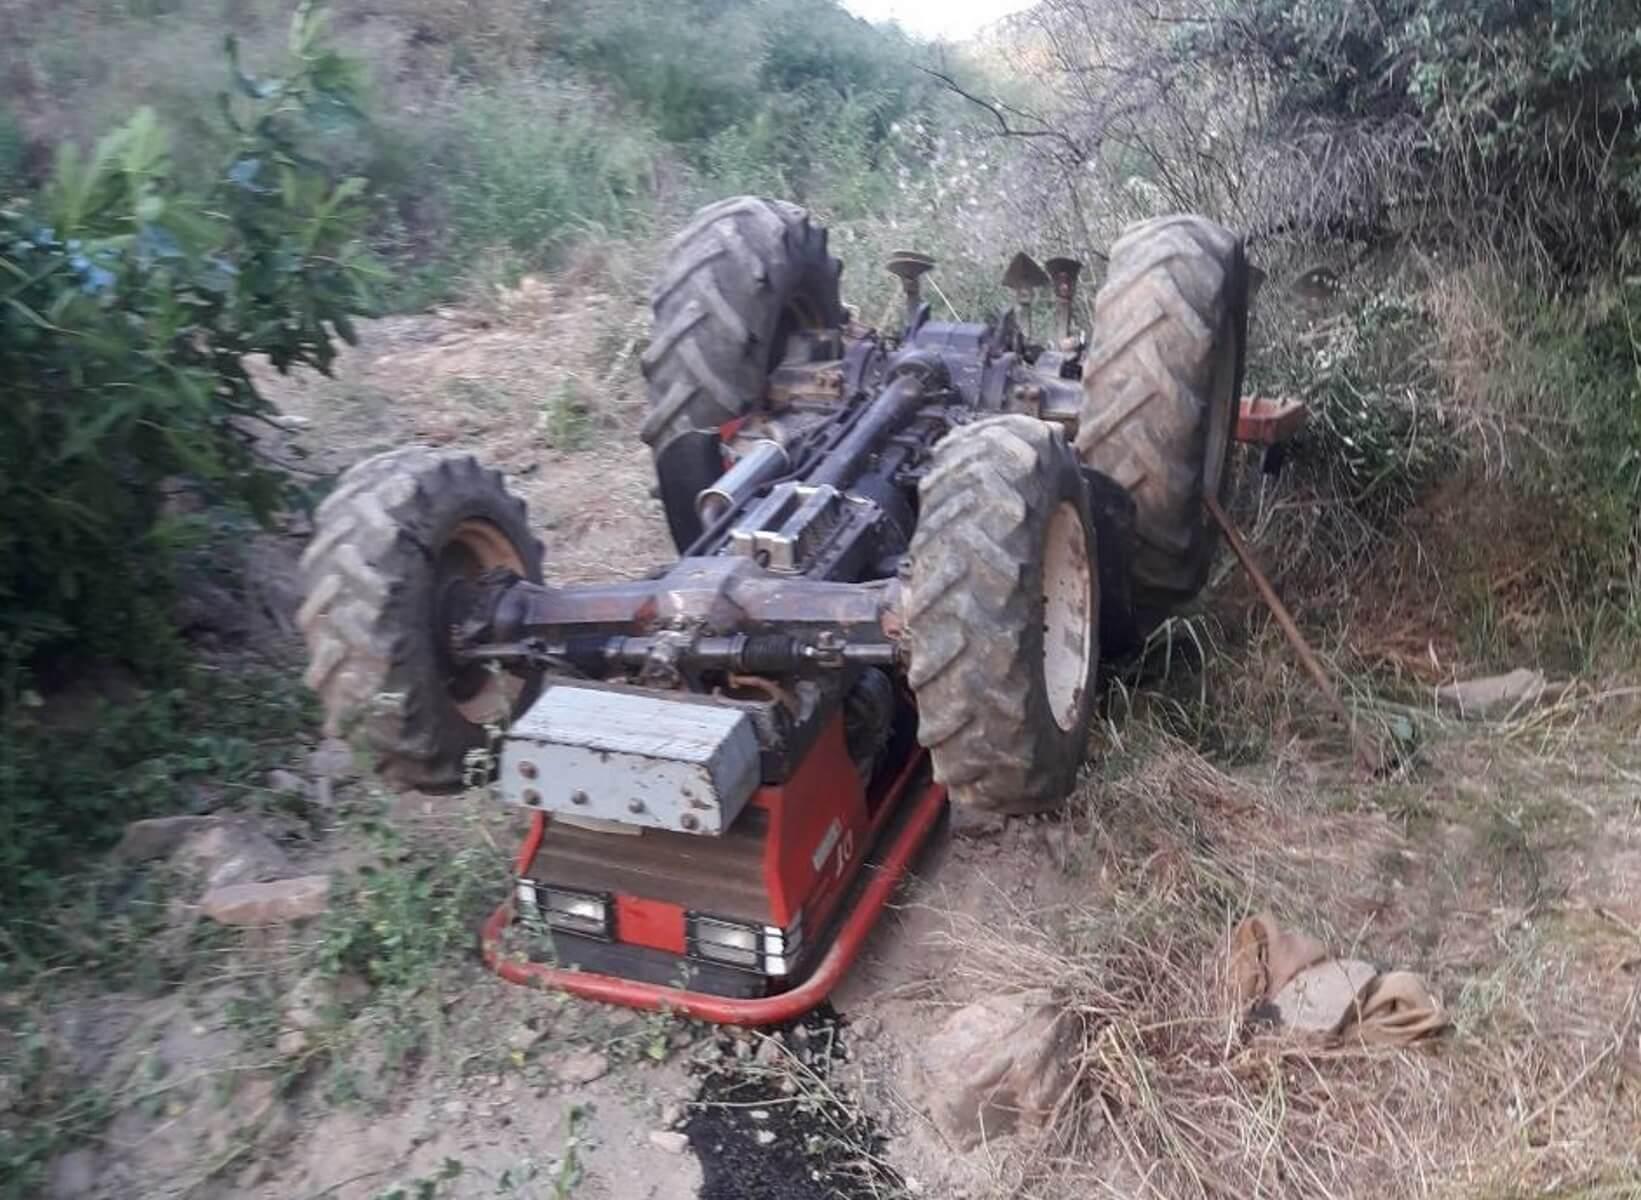 Εύβοια: Νεκρός ο αγρότης που καταπλακώθηκε από το τρακτέρ του – Ακαριαίος ο θάνατός του